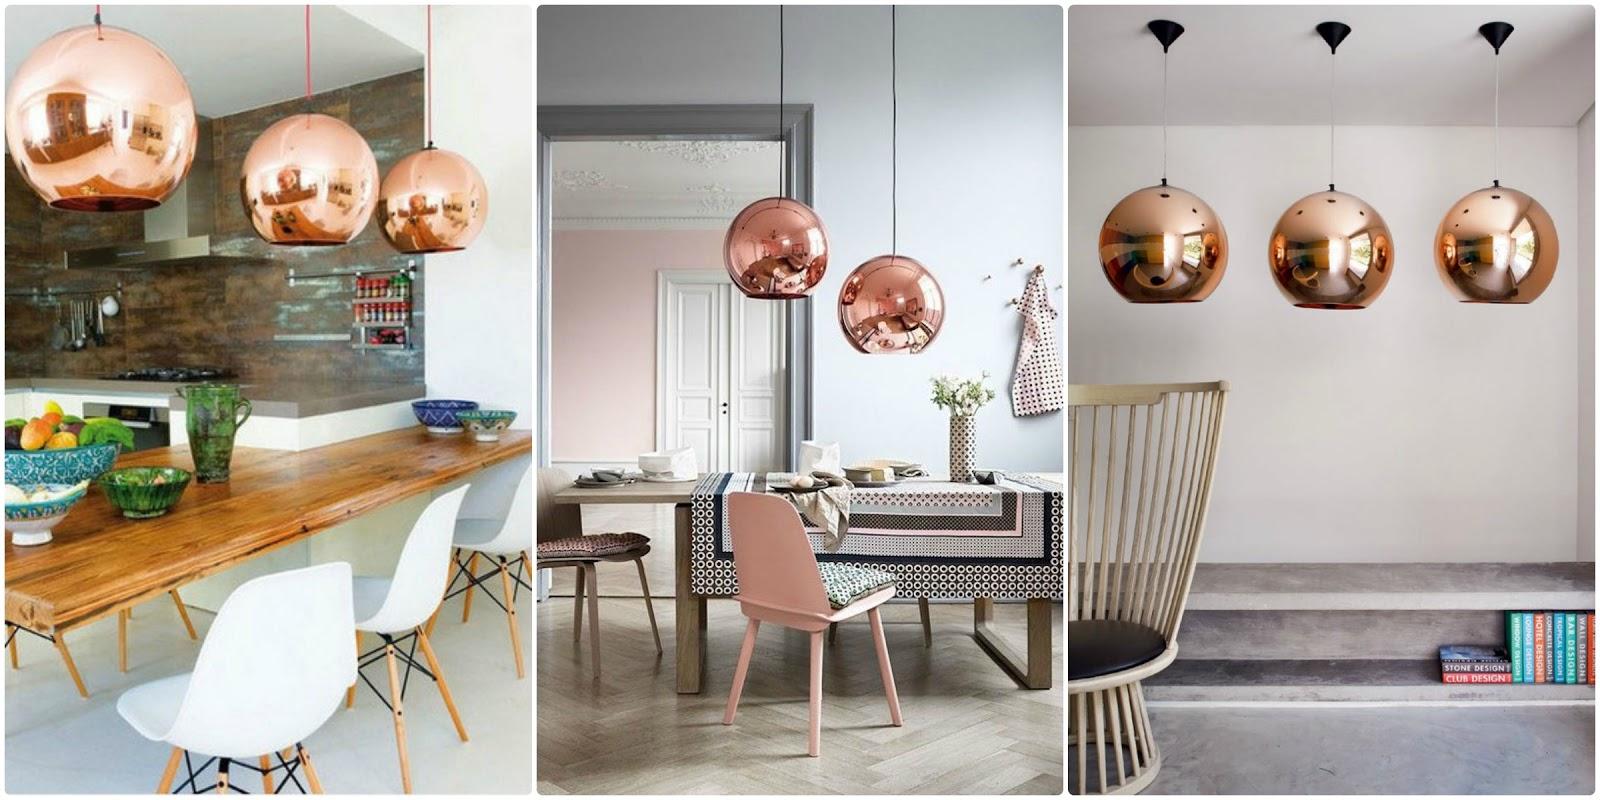 tati tavares decor cobre e rose gold. Black Bedroom Furniture Sets. Home Design Ideas